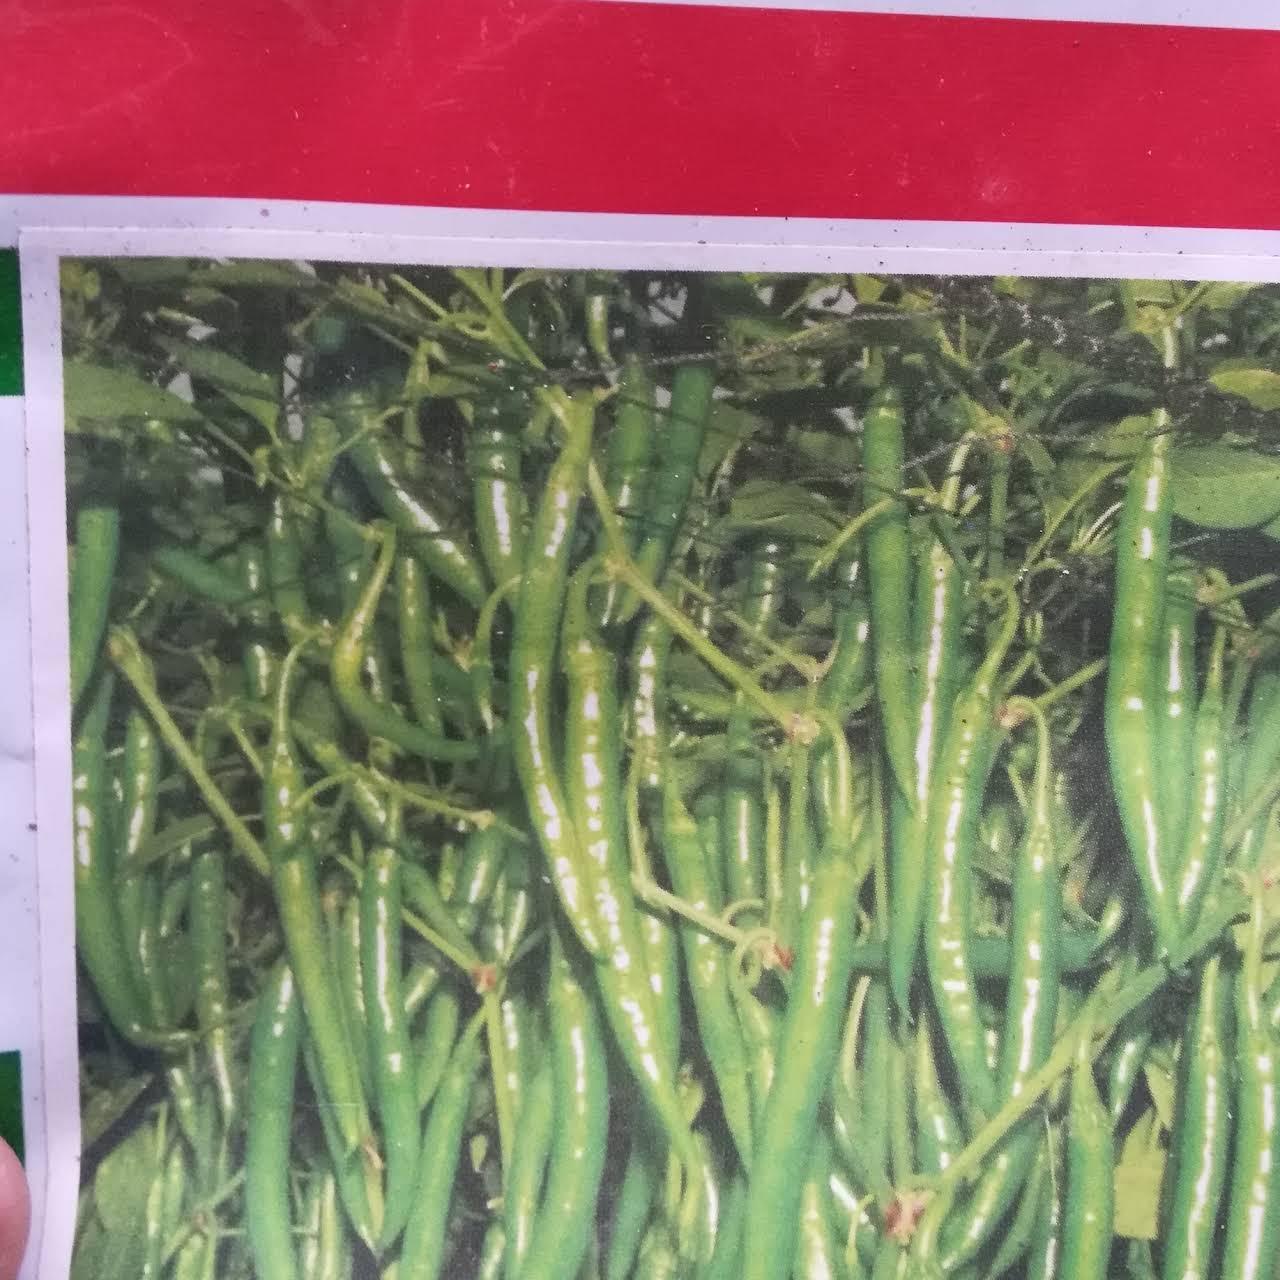 Madeshwara Nursery Farm - Wholesale vegetable and flower Plant